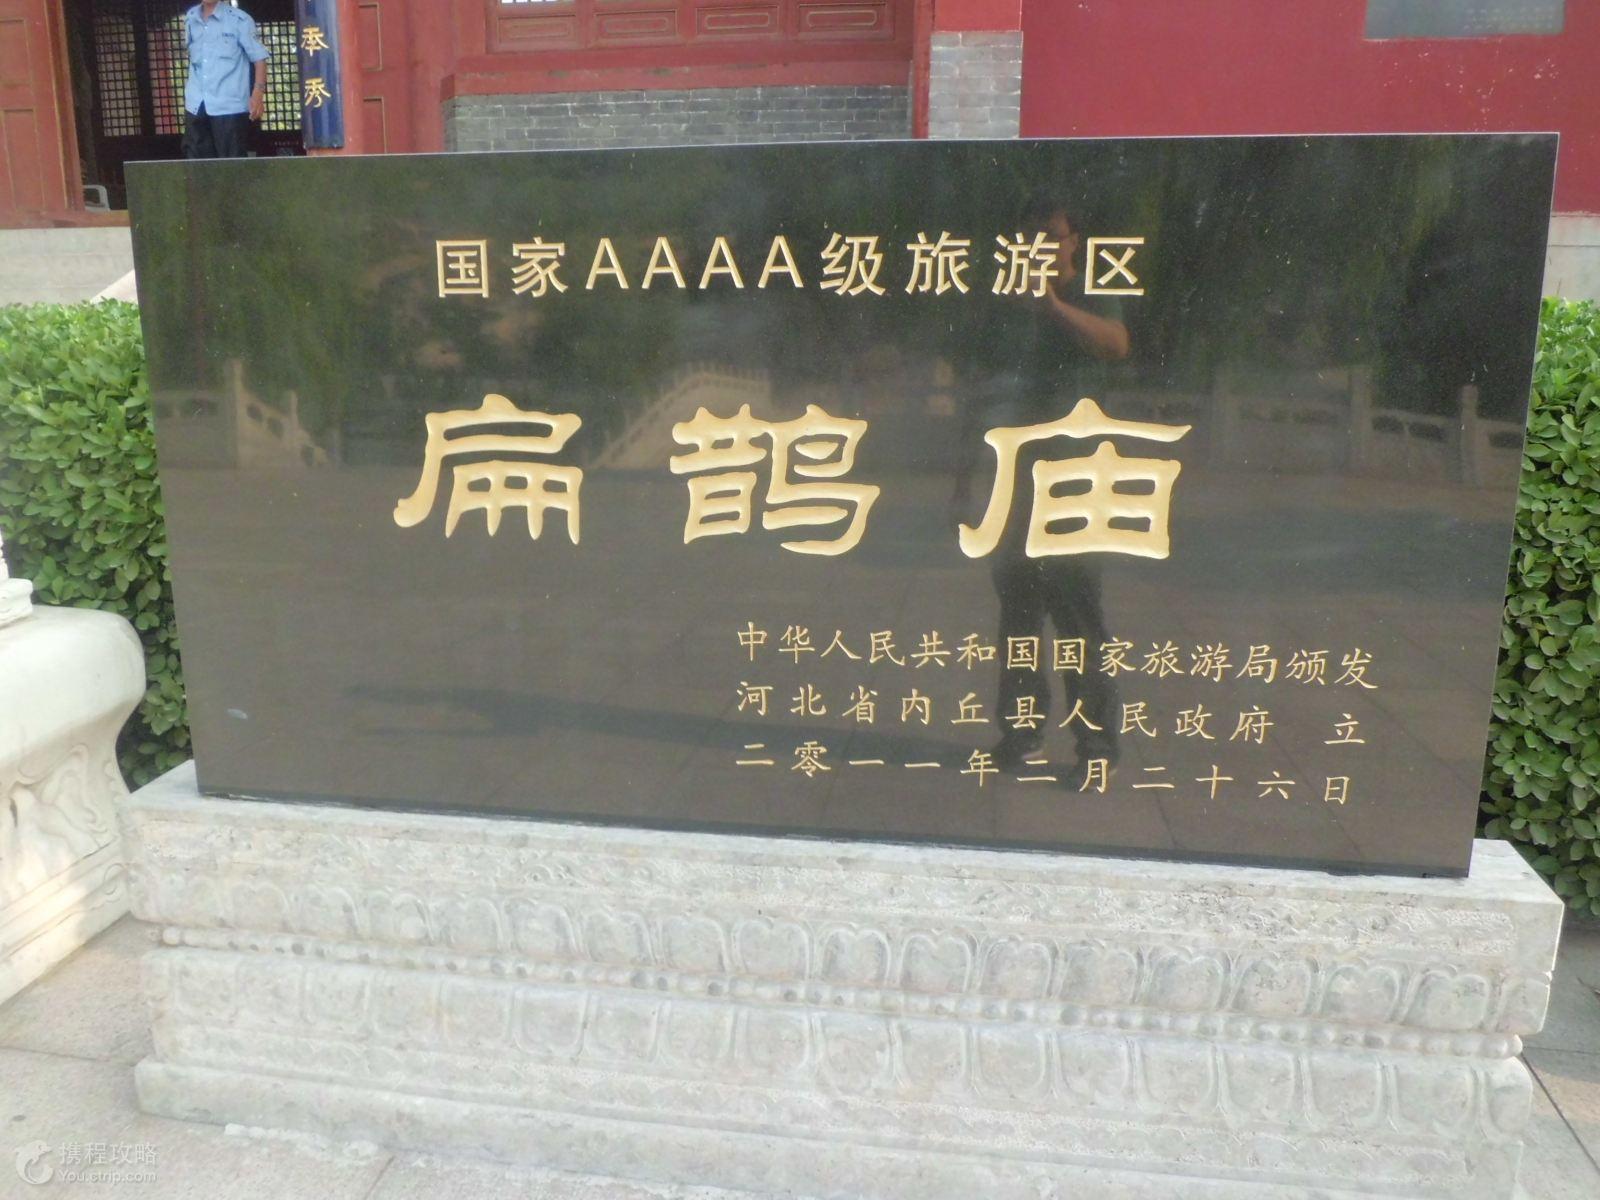 邢台内丘扁鹊庙景点 地址 电话